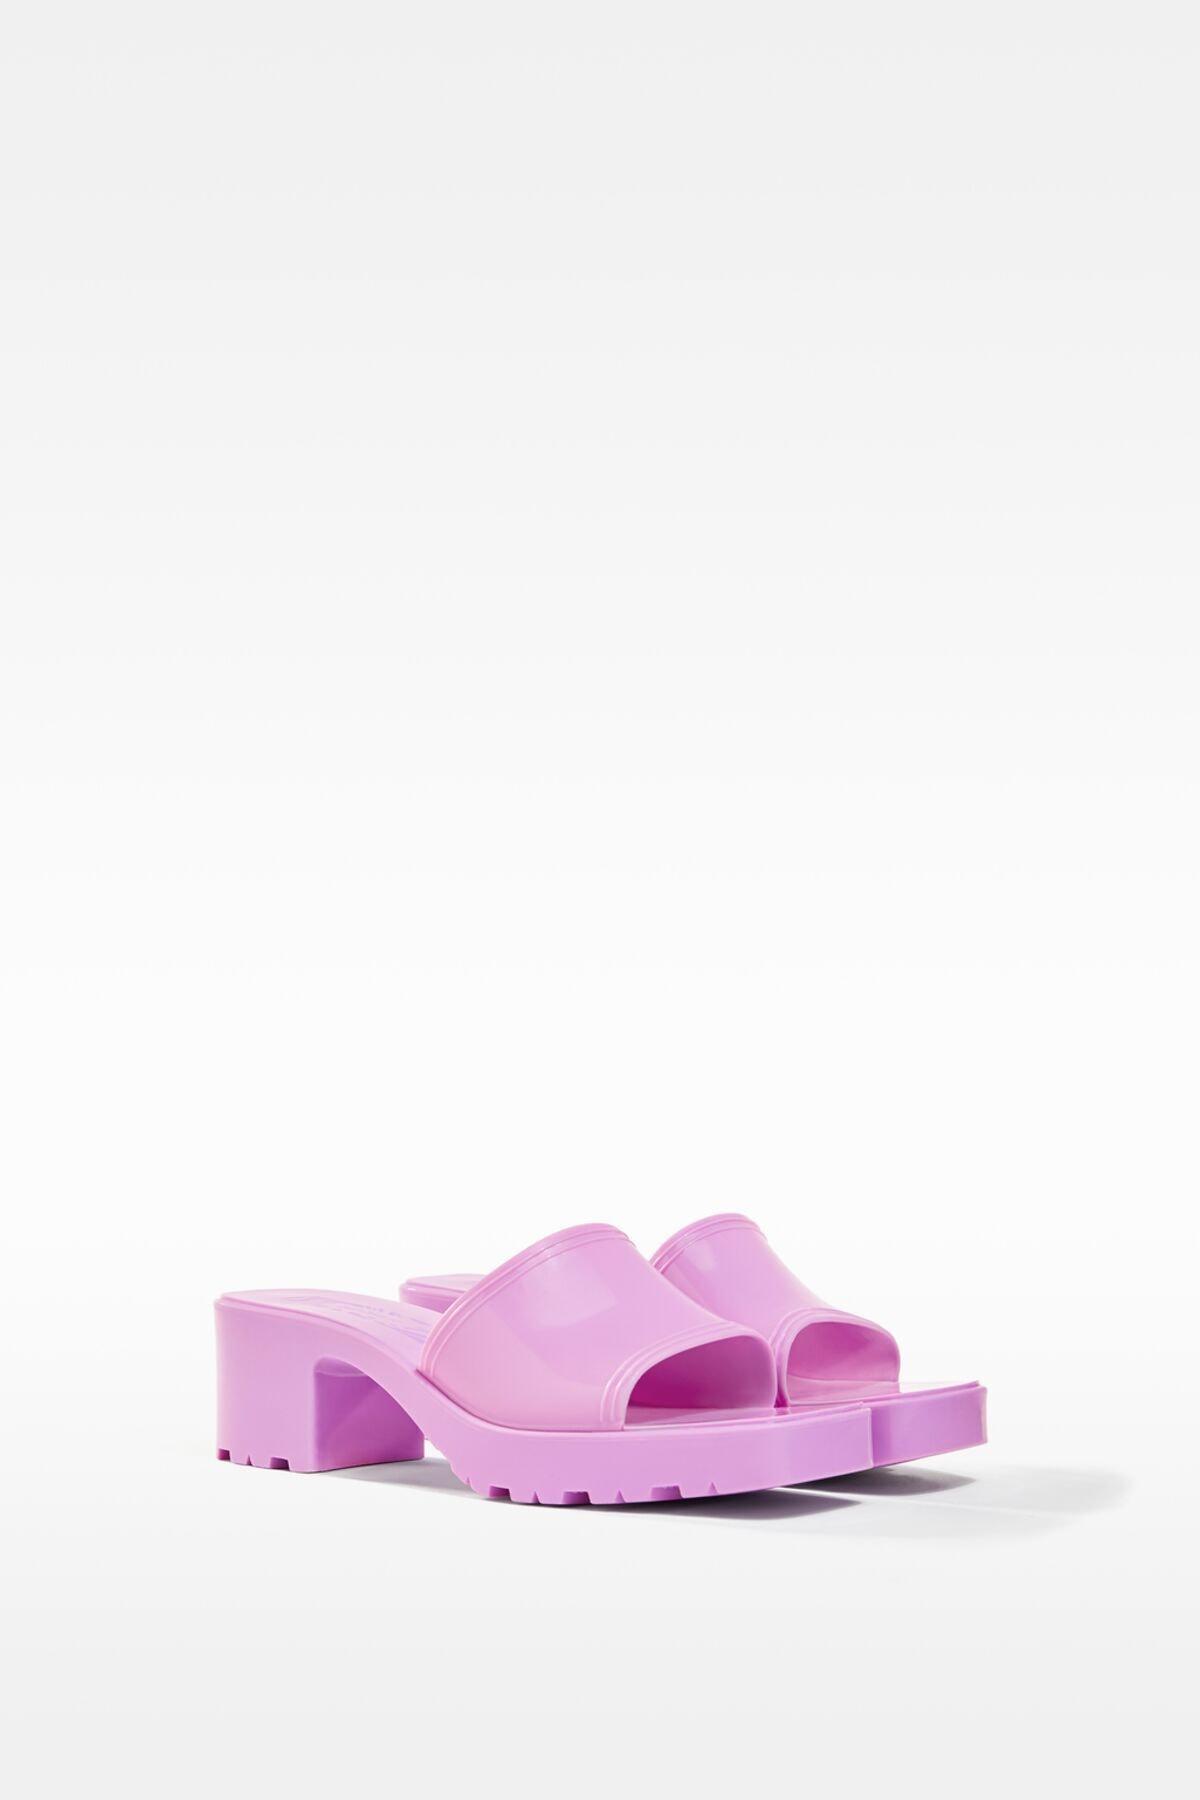 Bershka Kadın Koyu Mor Parlak Topuklu Sandalet 11721760 2